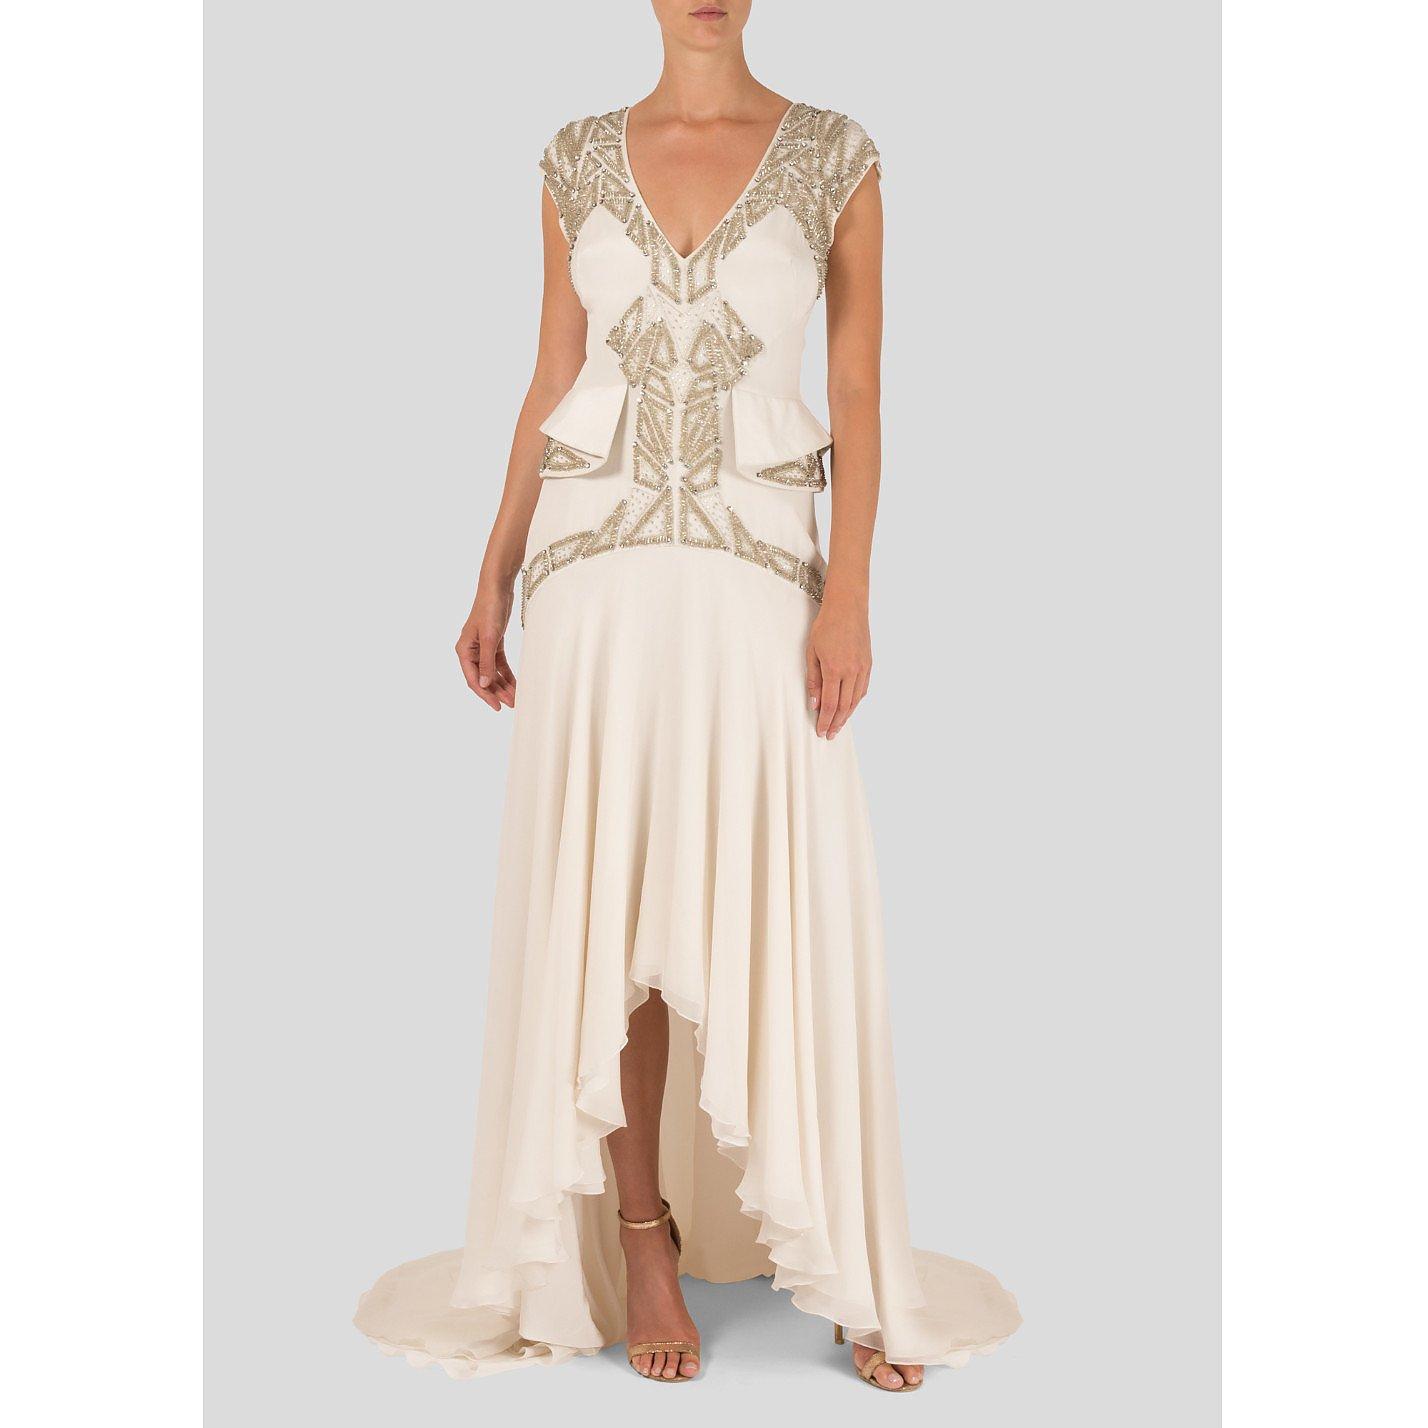 Amanda Wakeley Bridal Atelier Bridal Maxi Dress